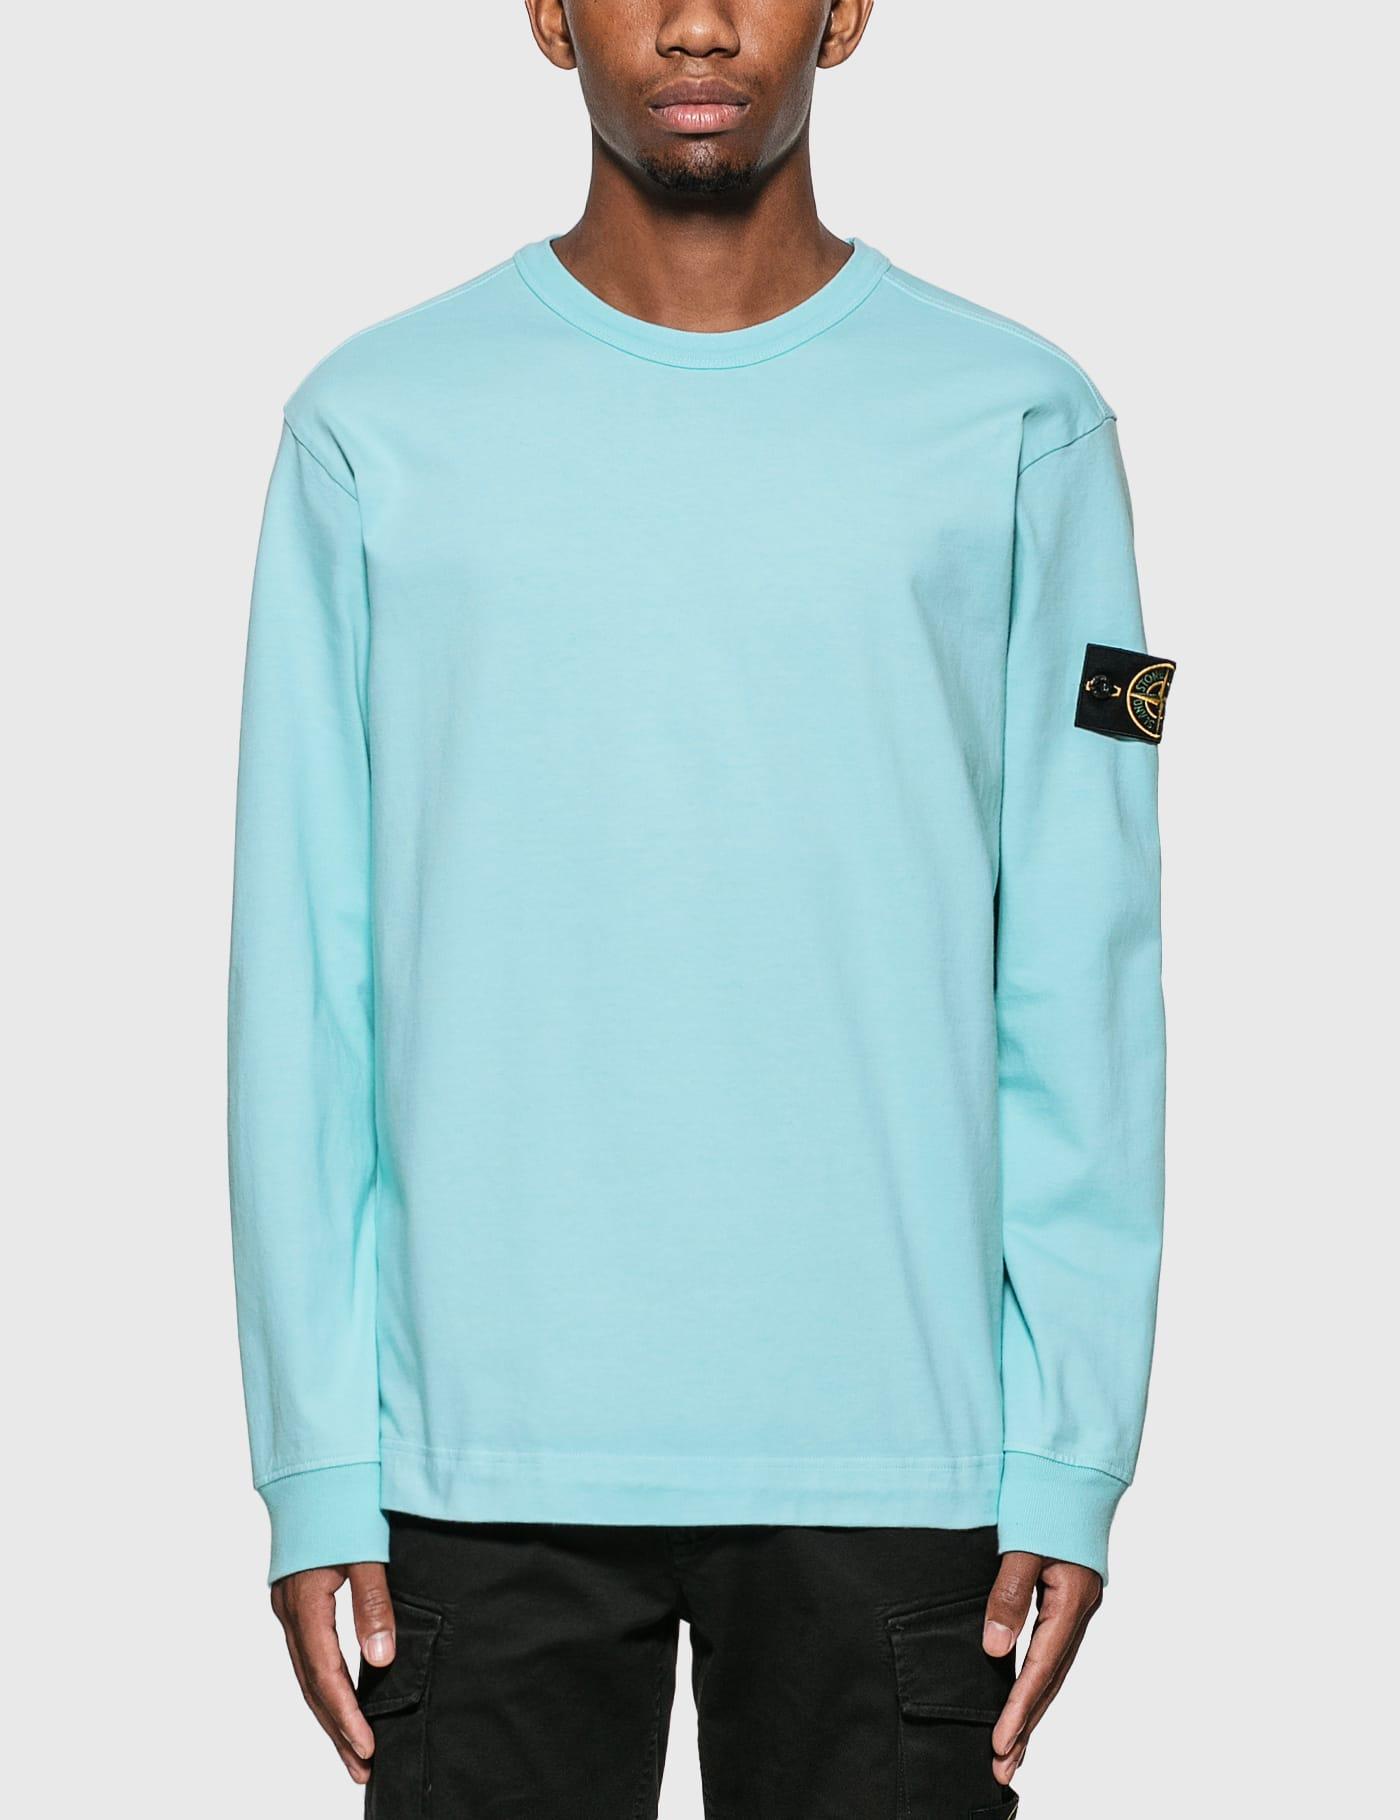 Compass Patch Logo Long Sleeve T-Shirt